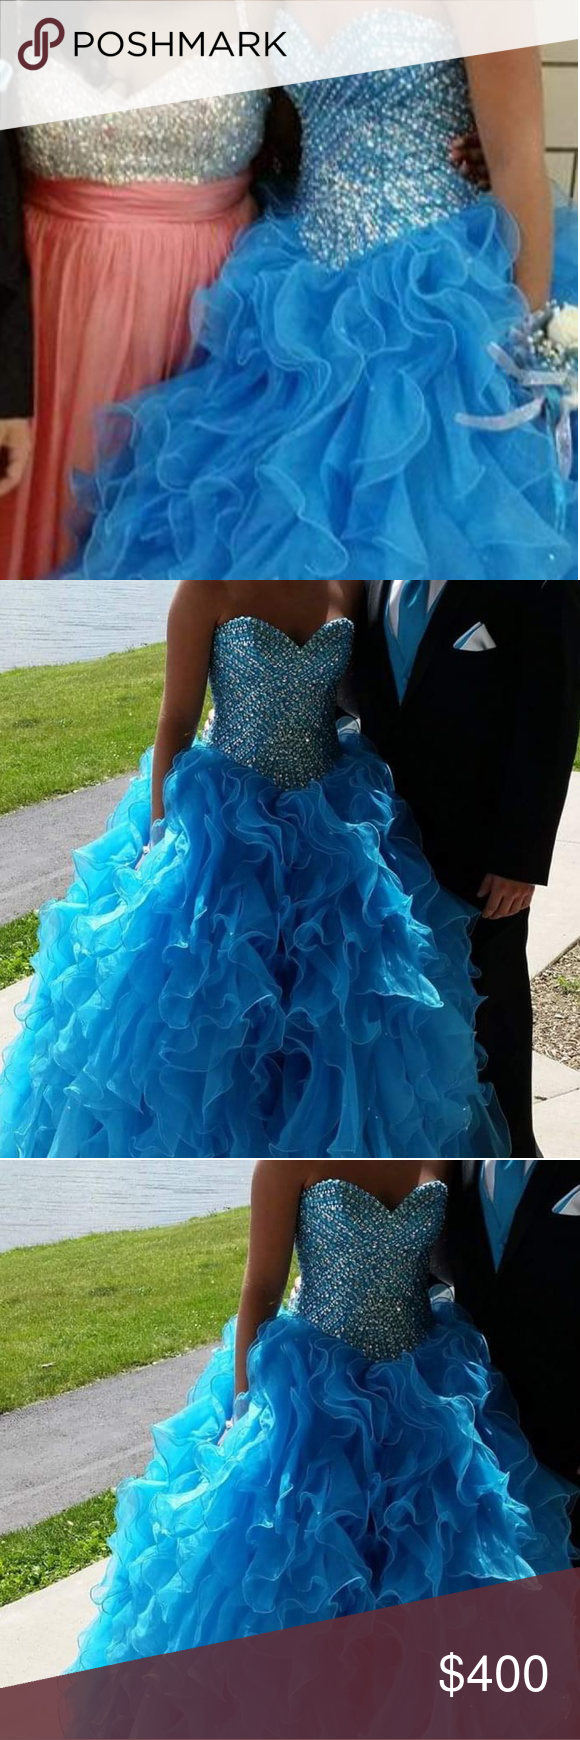 Prom dress Henris Cloud 9 prom dress